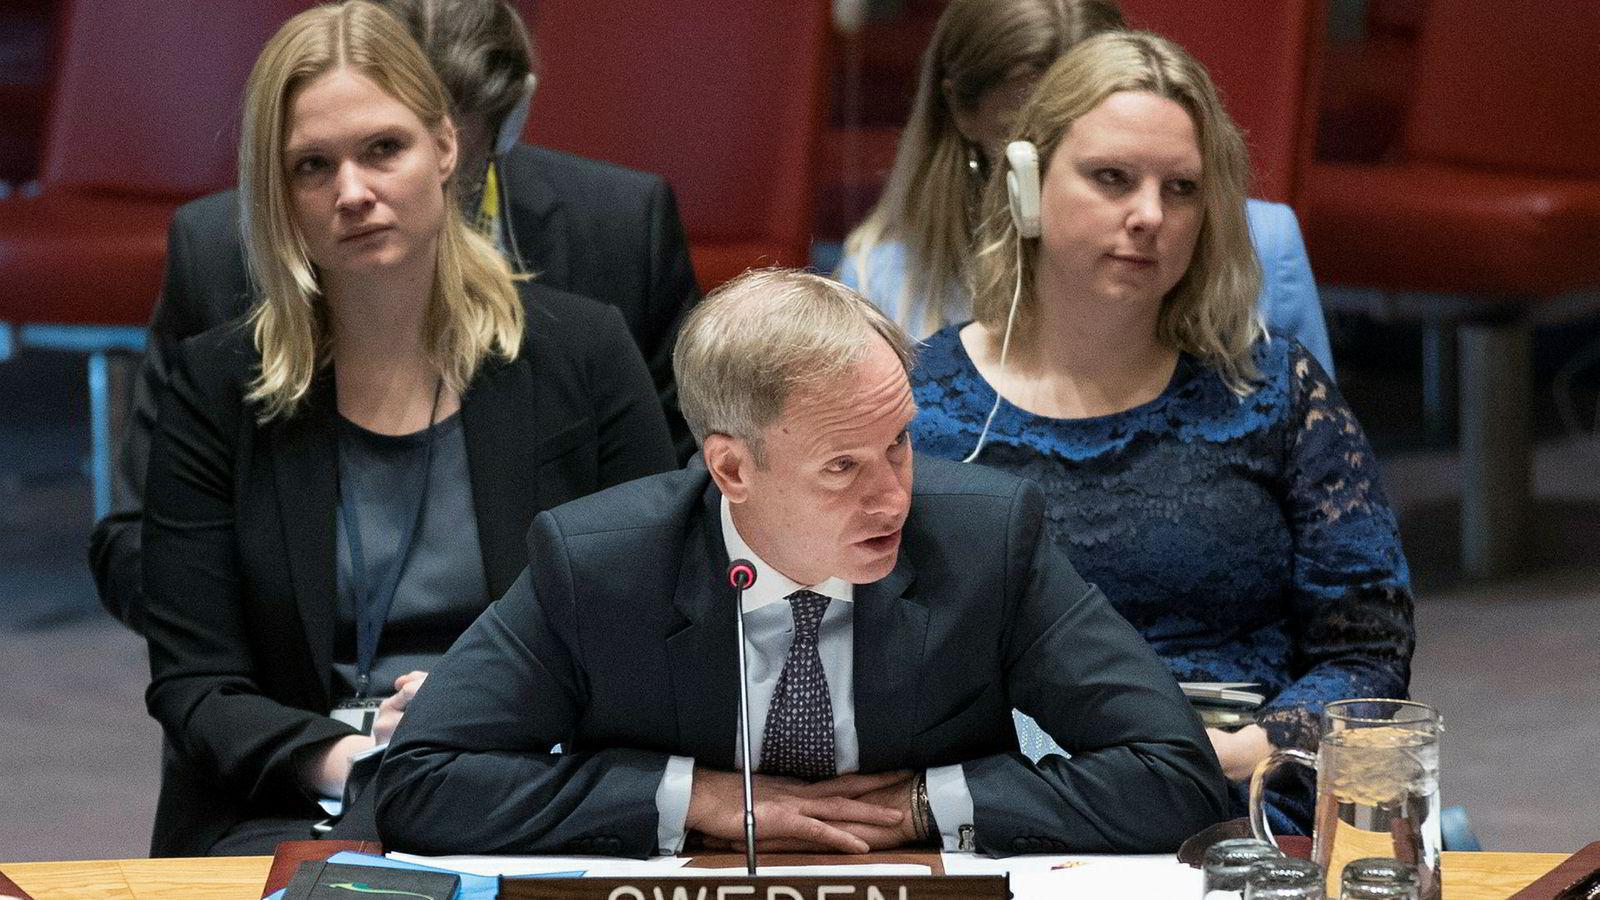 Sveriges FN-ambassadør Olof Skoog under et møte i FNs sikkerhetsråd.